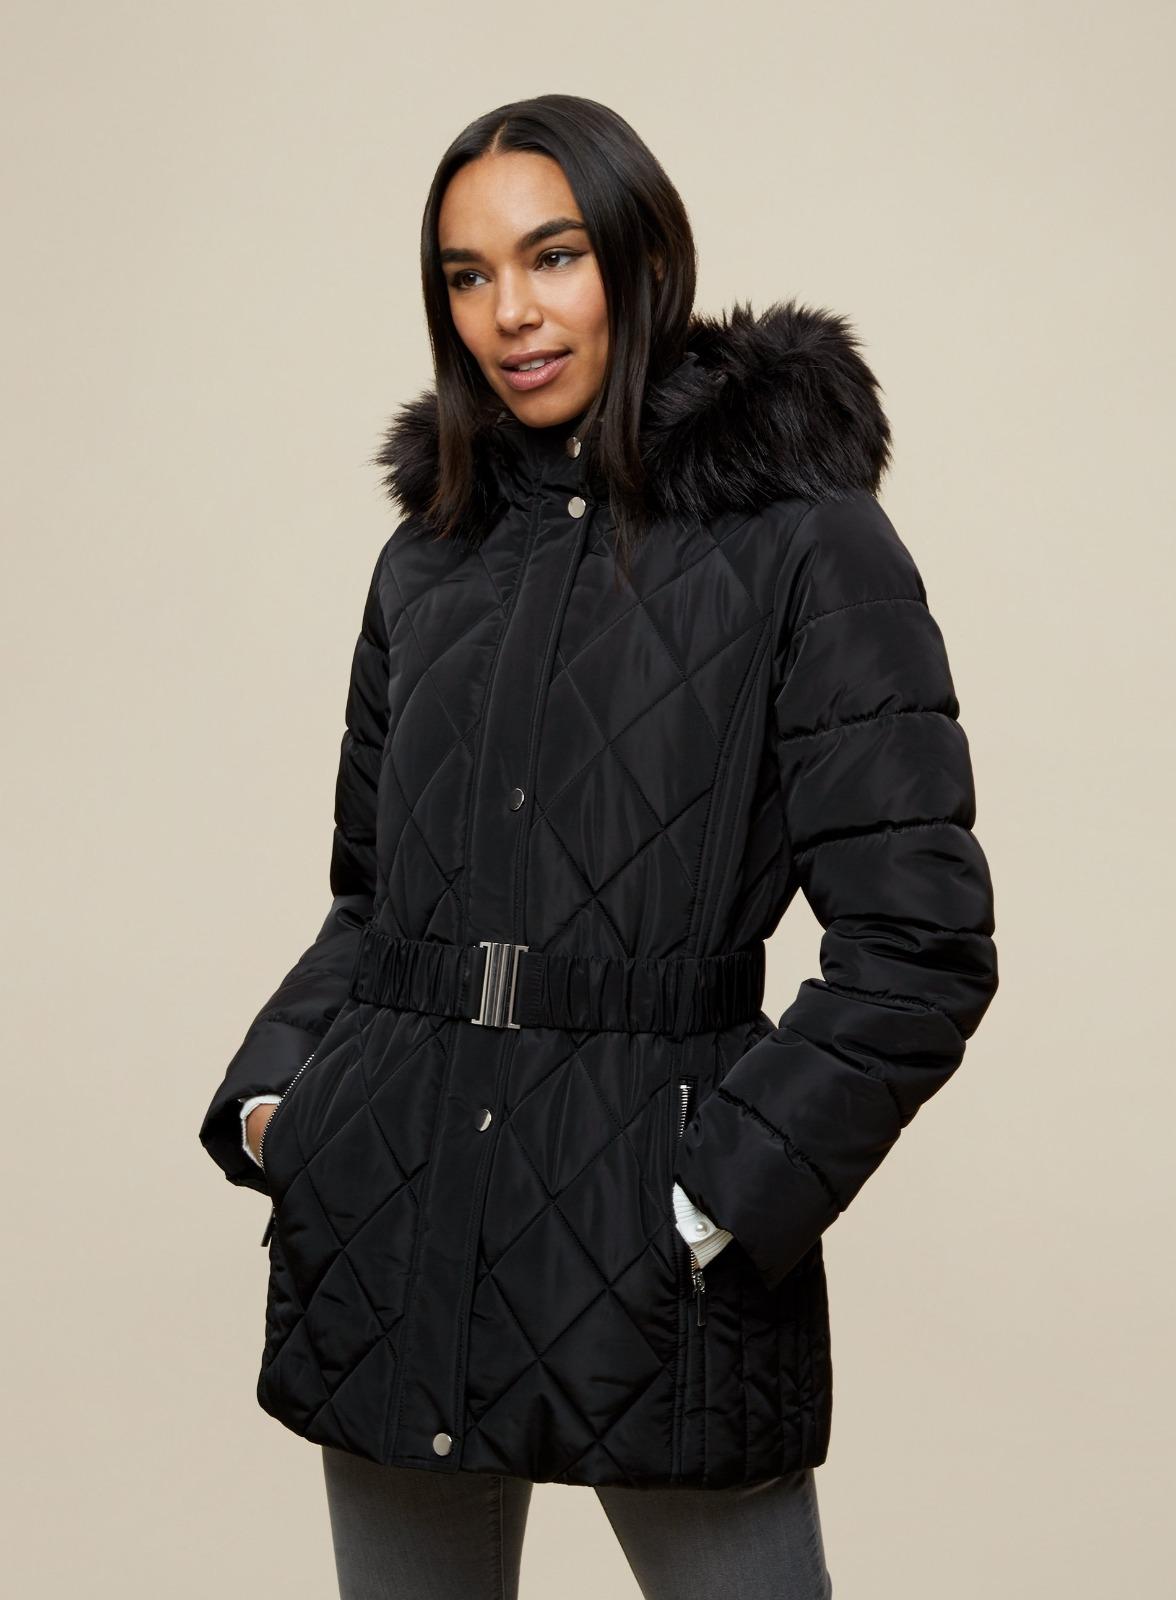 miniature 18 - DP Femme Noir Hiver Court Fourrure Veste Matelassée Manteau Taille 8 10 12 14 16 18